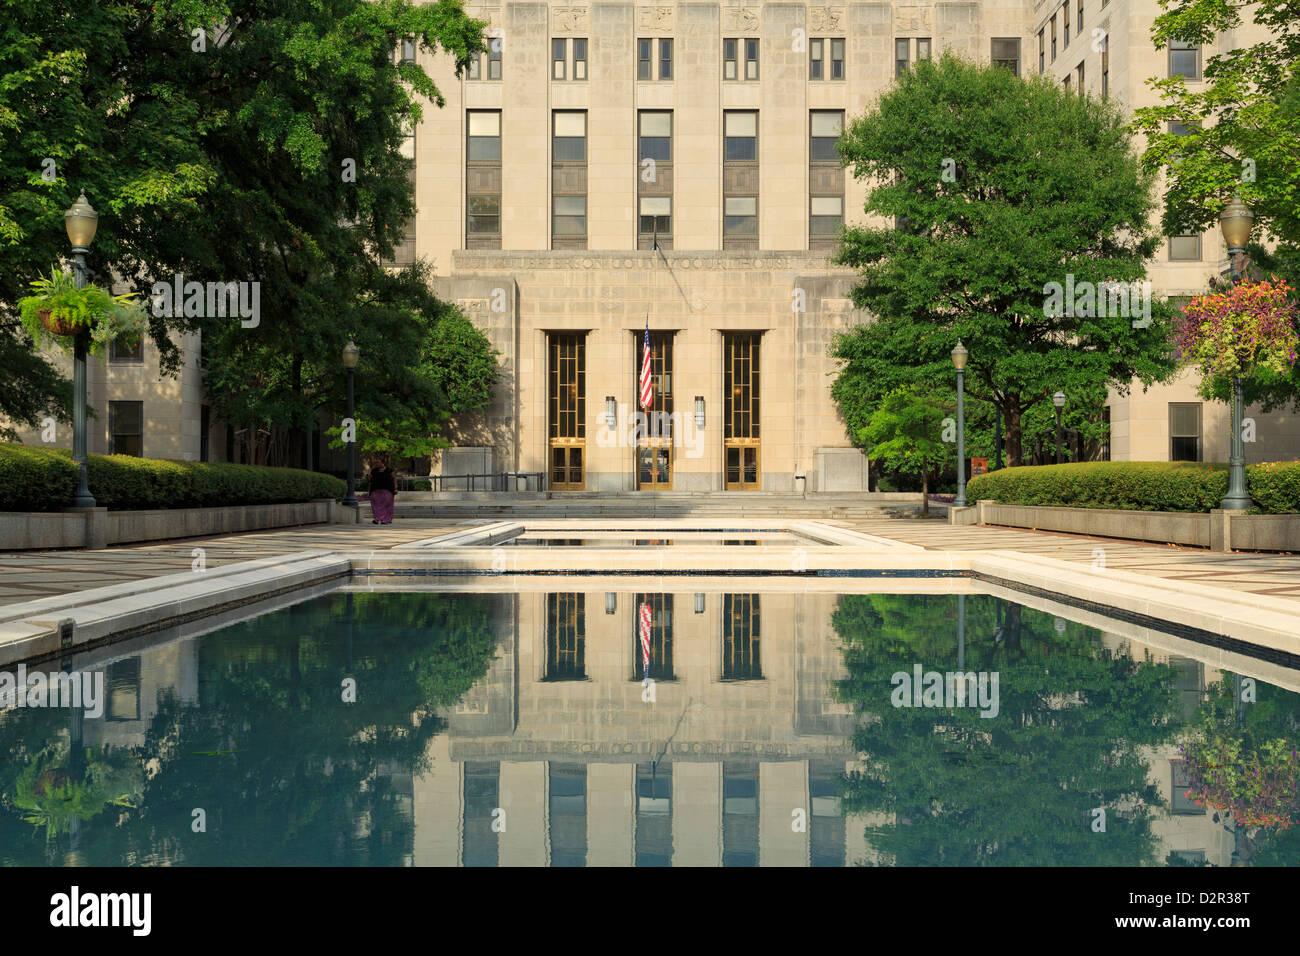 Palais de justice du comté de Jefferson dans Linn Park, Birmingham, Alabama, États-Unis d'Amérique, Photo Stock